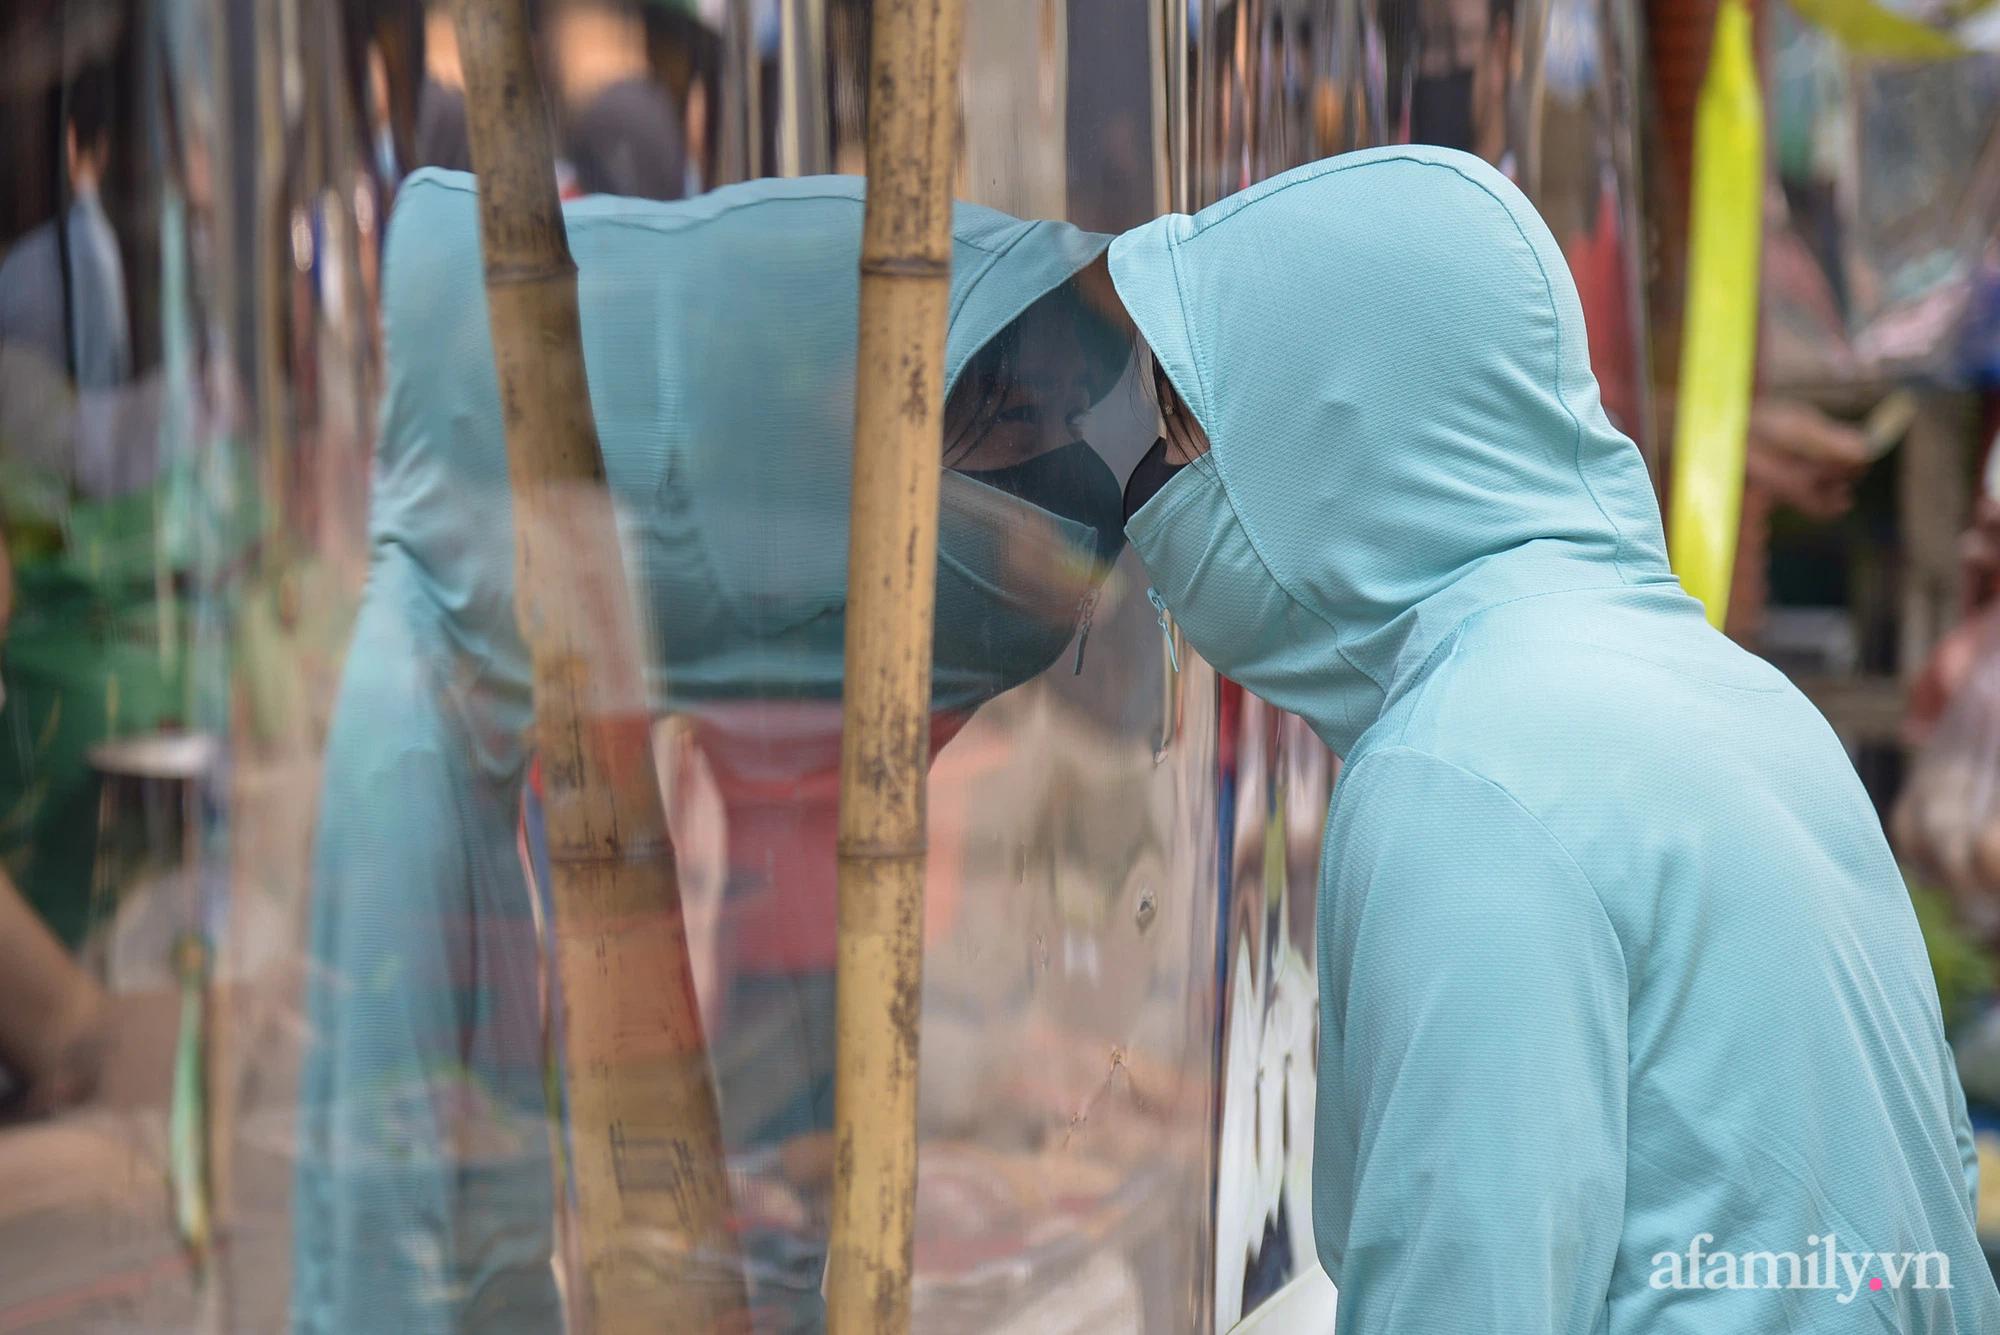 Ấn tượng với khu chợ dân sinh đầu tiên ở Hà Nội quây tấm nilon phòng dịch COVID-19, tiểu thương chia ca đứng bán theo ngày chẵn, lẻ - Ảnh 9.